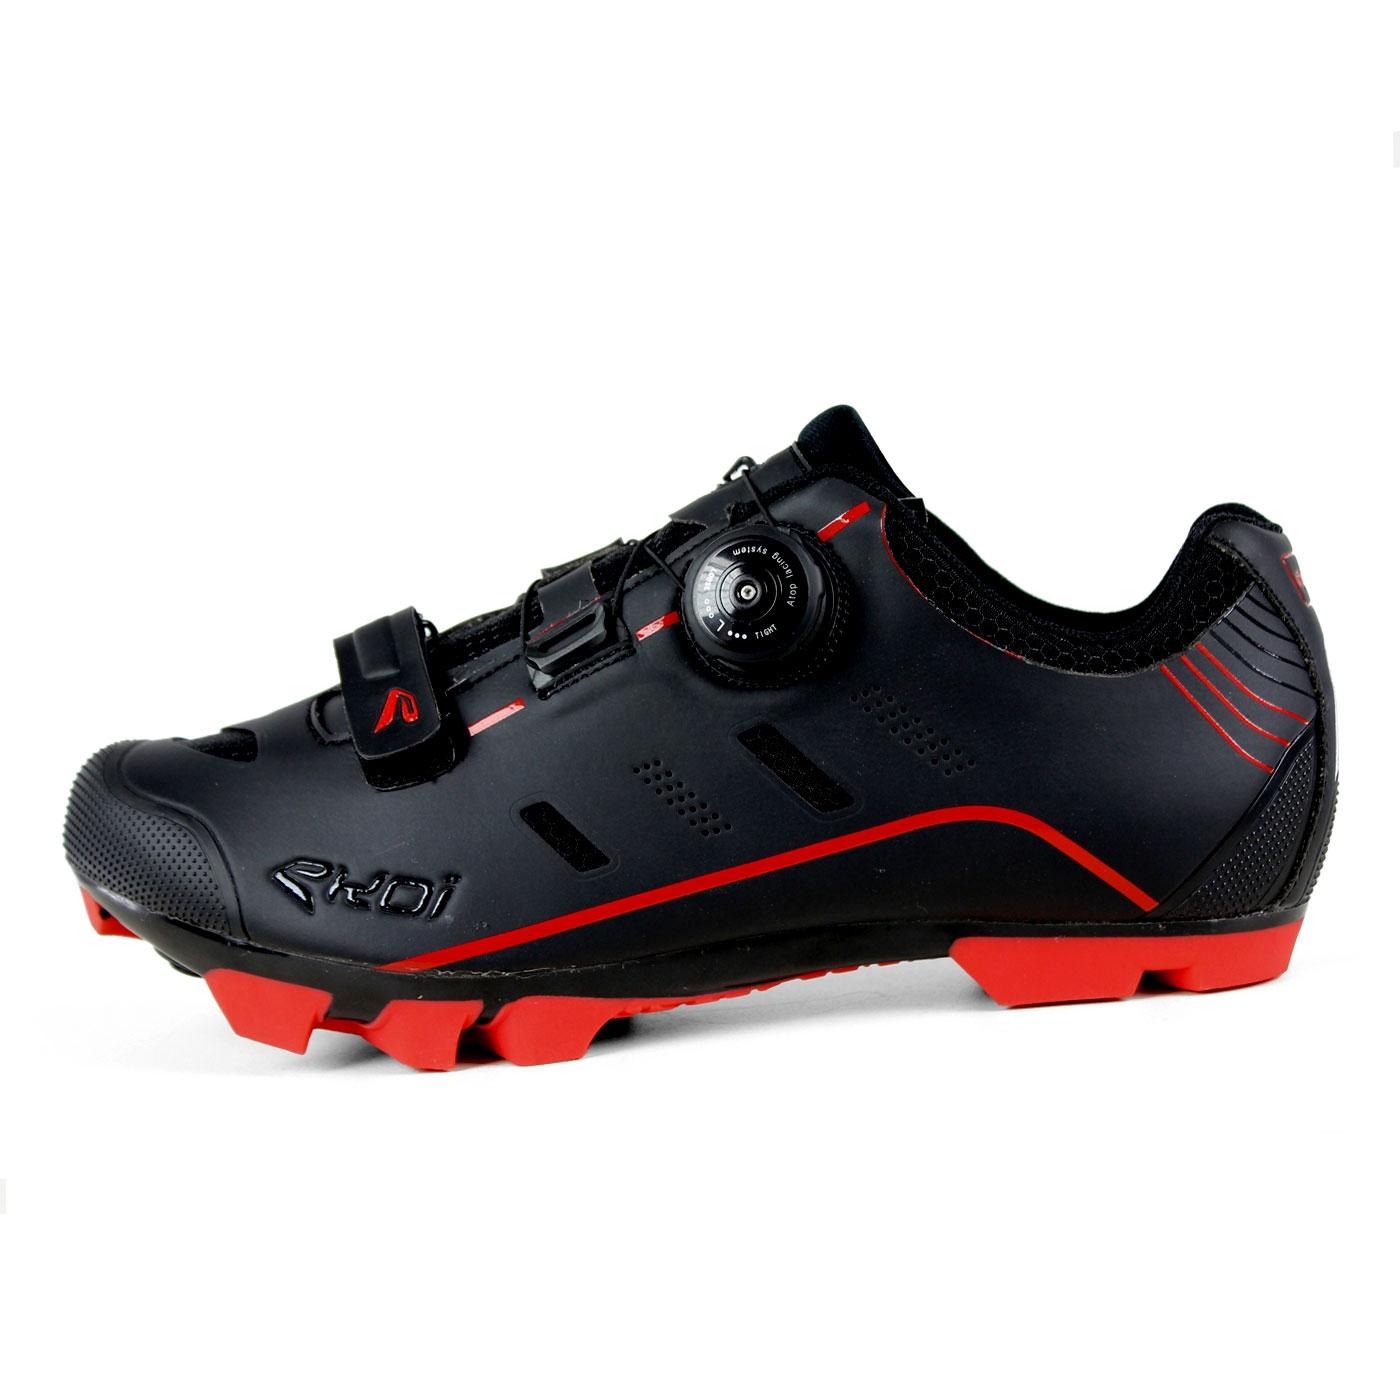 nouvelle collection design professionnel vente limitée avis chaussure vtt ekoi,chaussures vtt sidi pas cher